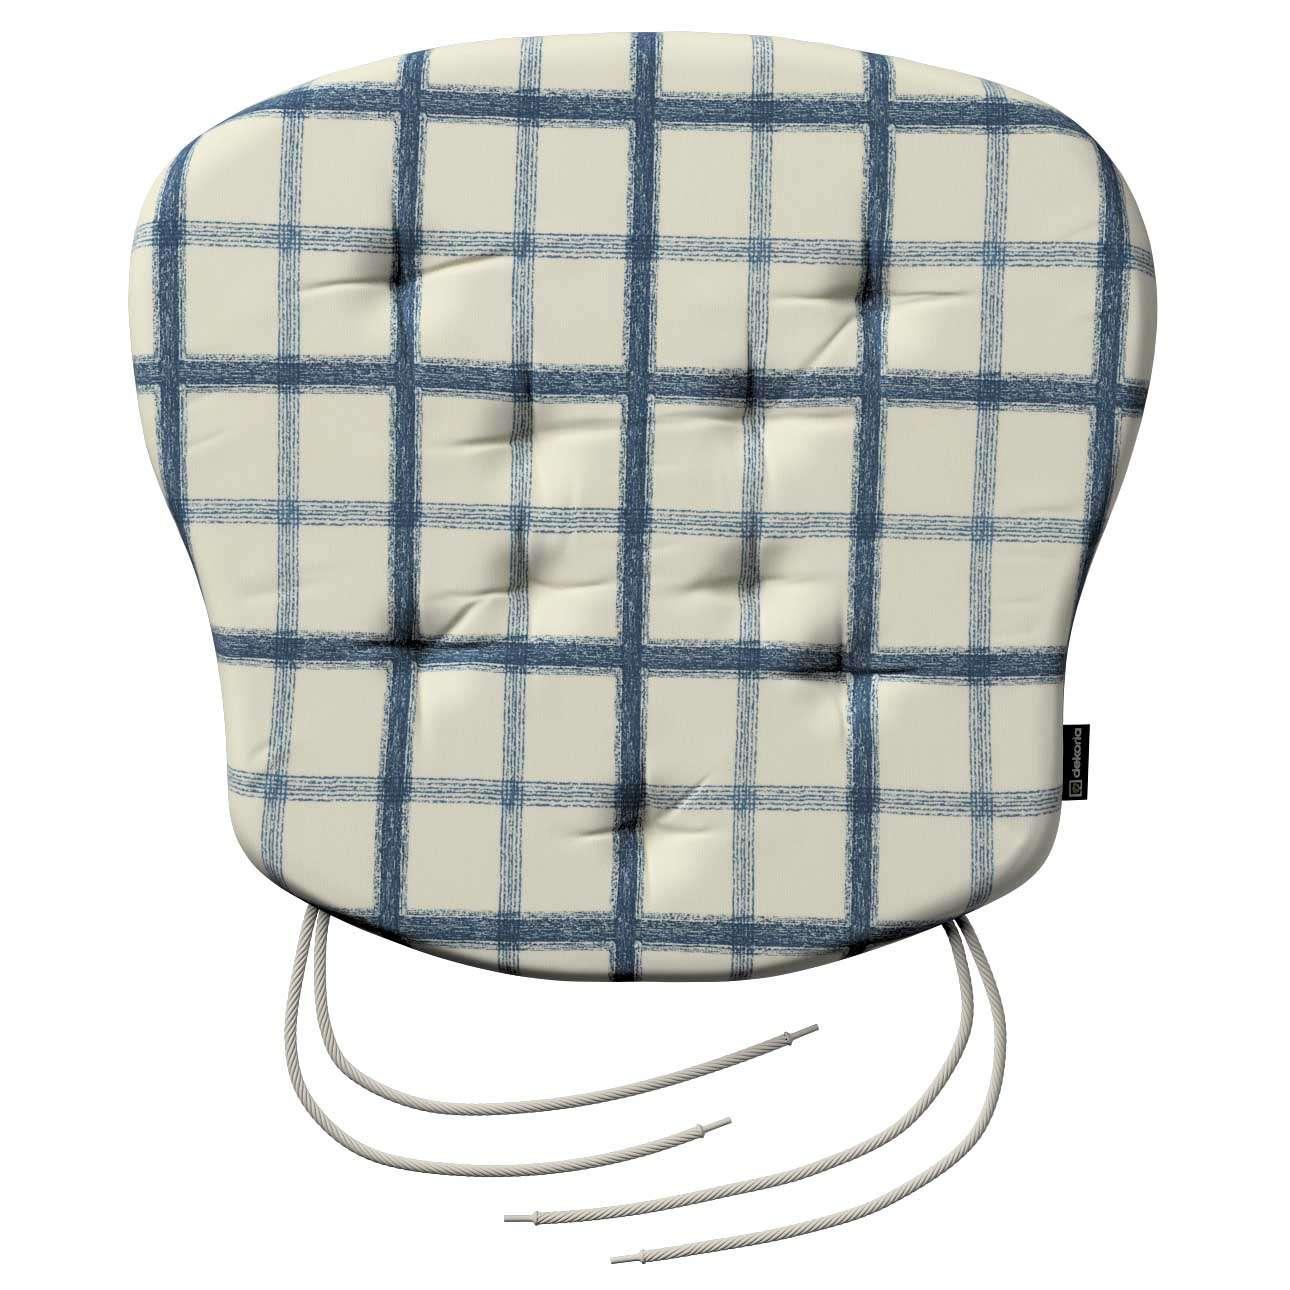 Siedzisko Filip na krzesło 41x38x3,5 cm w kolekcji Avinon, tkanina: 131-66